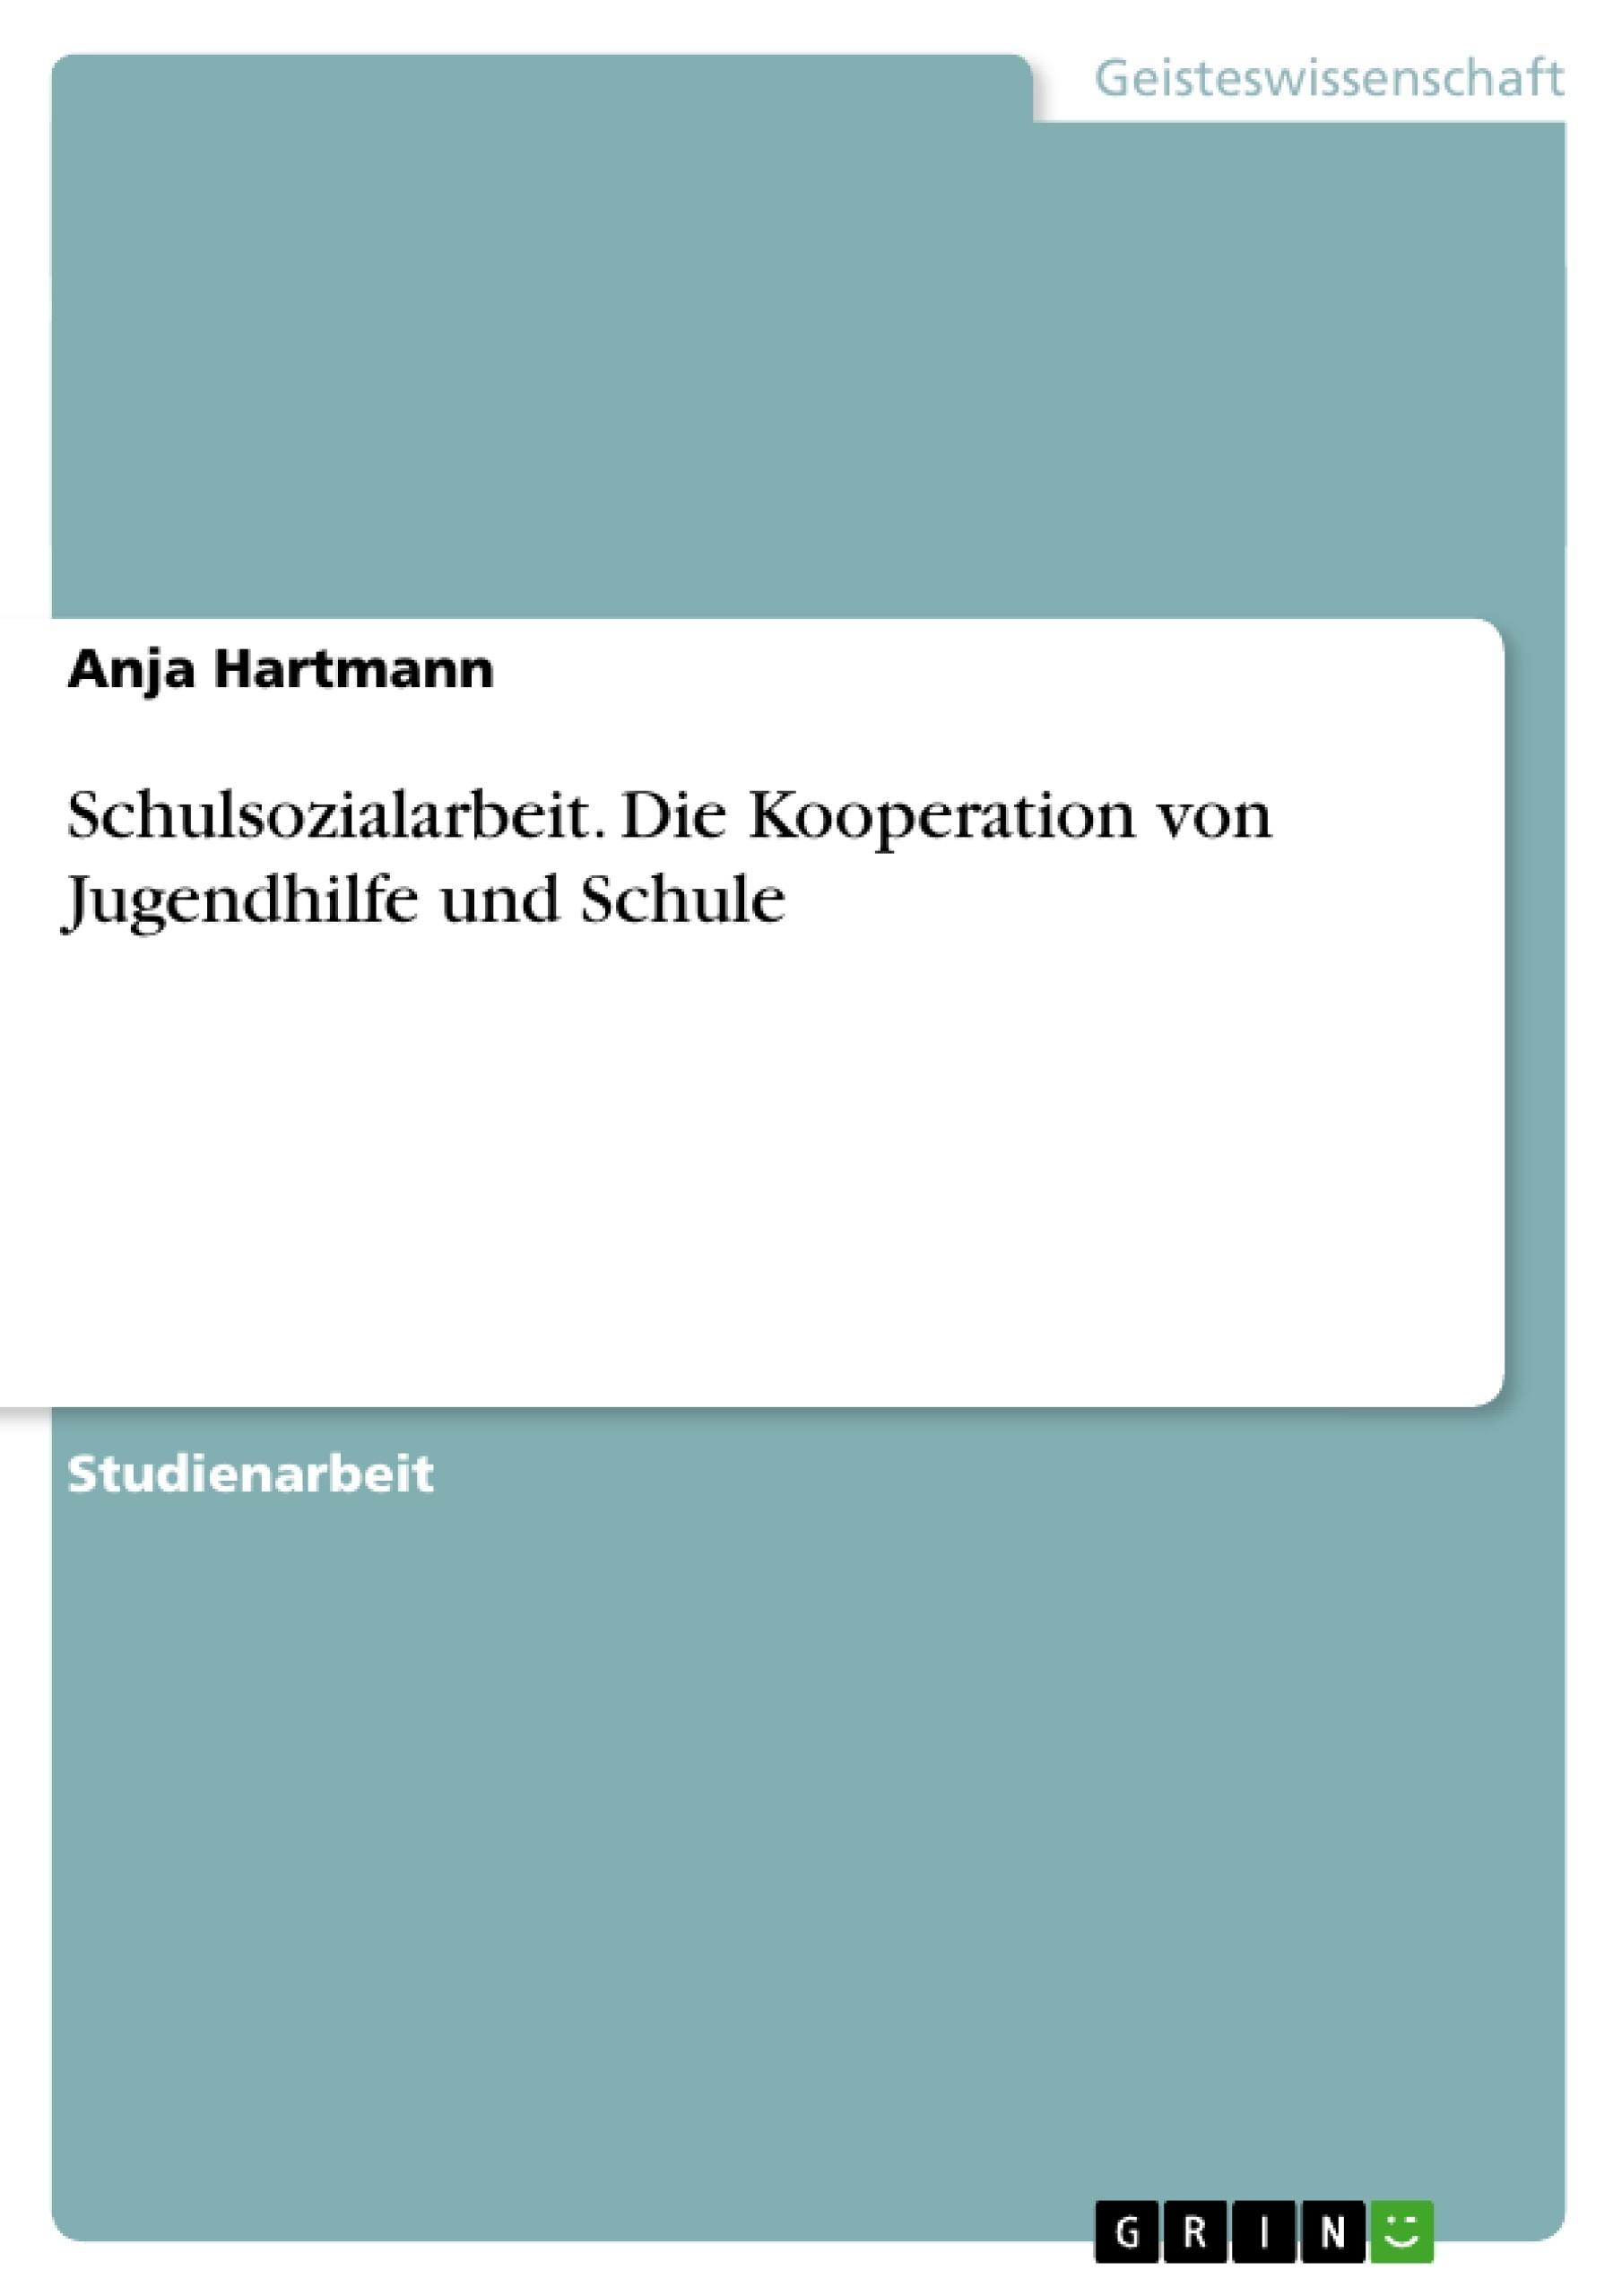 Titel: Schulsozialarbeit. Die Kooperation von Jugendhilfe und Schule